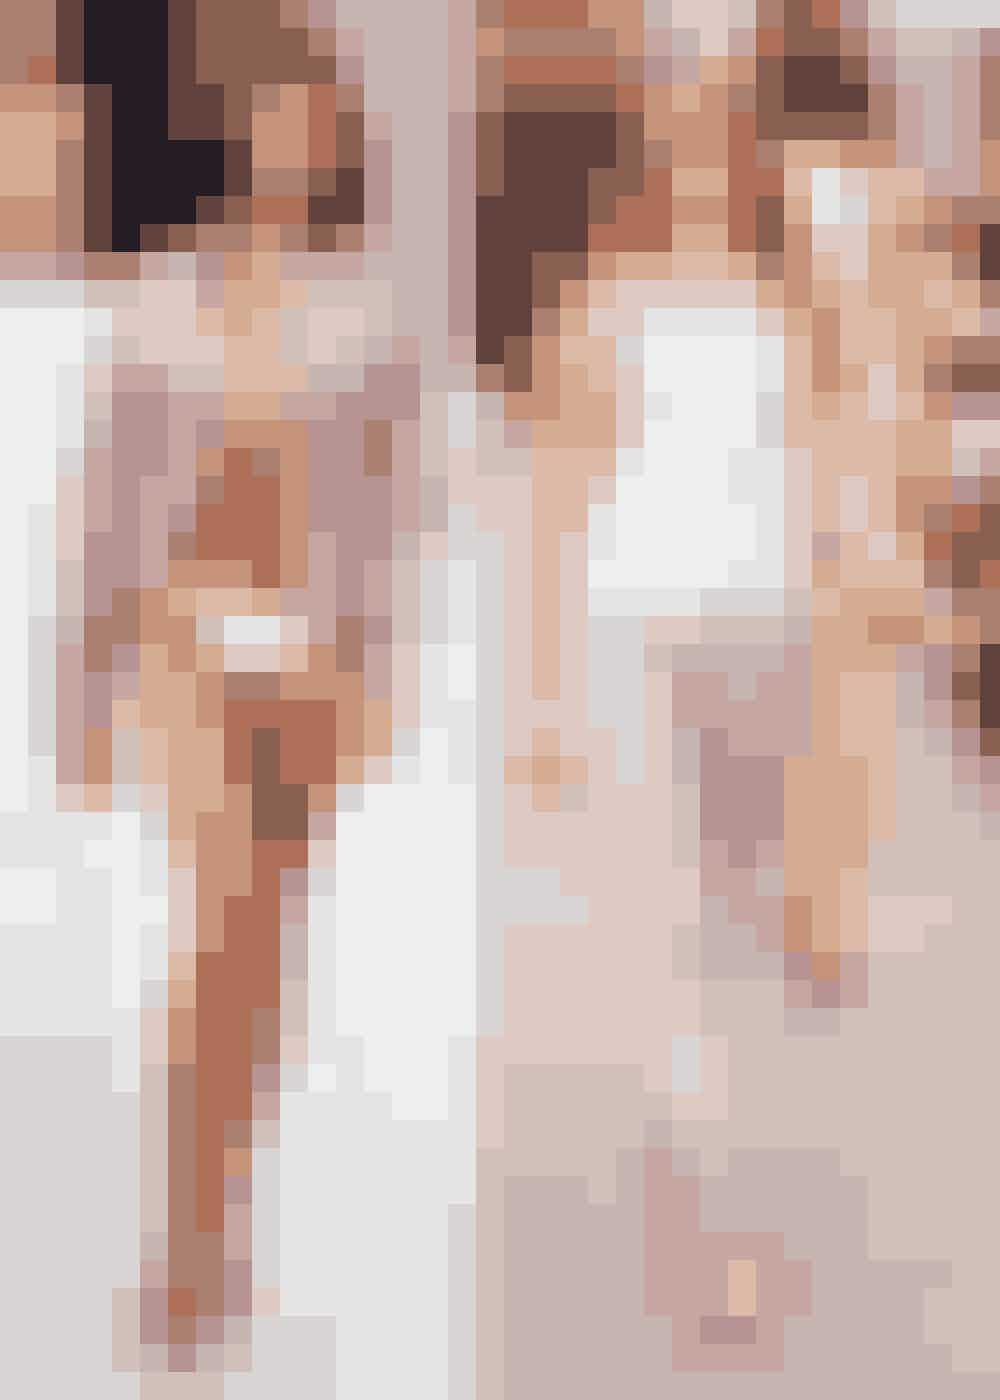 1998: Første ready to wear-kollektion visesA/W 1998 er det allerførste ready to wear-modeshow, Louis Vuitton viser. Marc Jacobs designer, og det skulle vise sig at blive en ny æra i modehistorien.PSST… Se modejournalist Tim Blanks gennemgå Marc Jacobs anden kollektion for Louis Vuitton, S/S 1998, HER